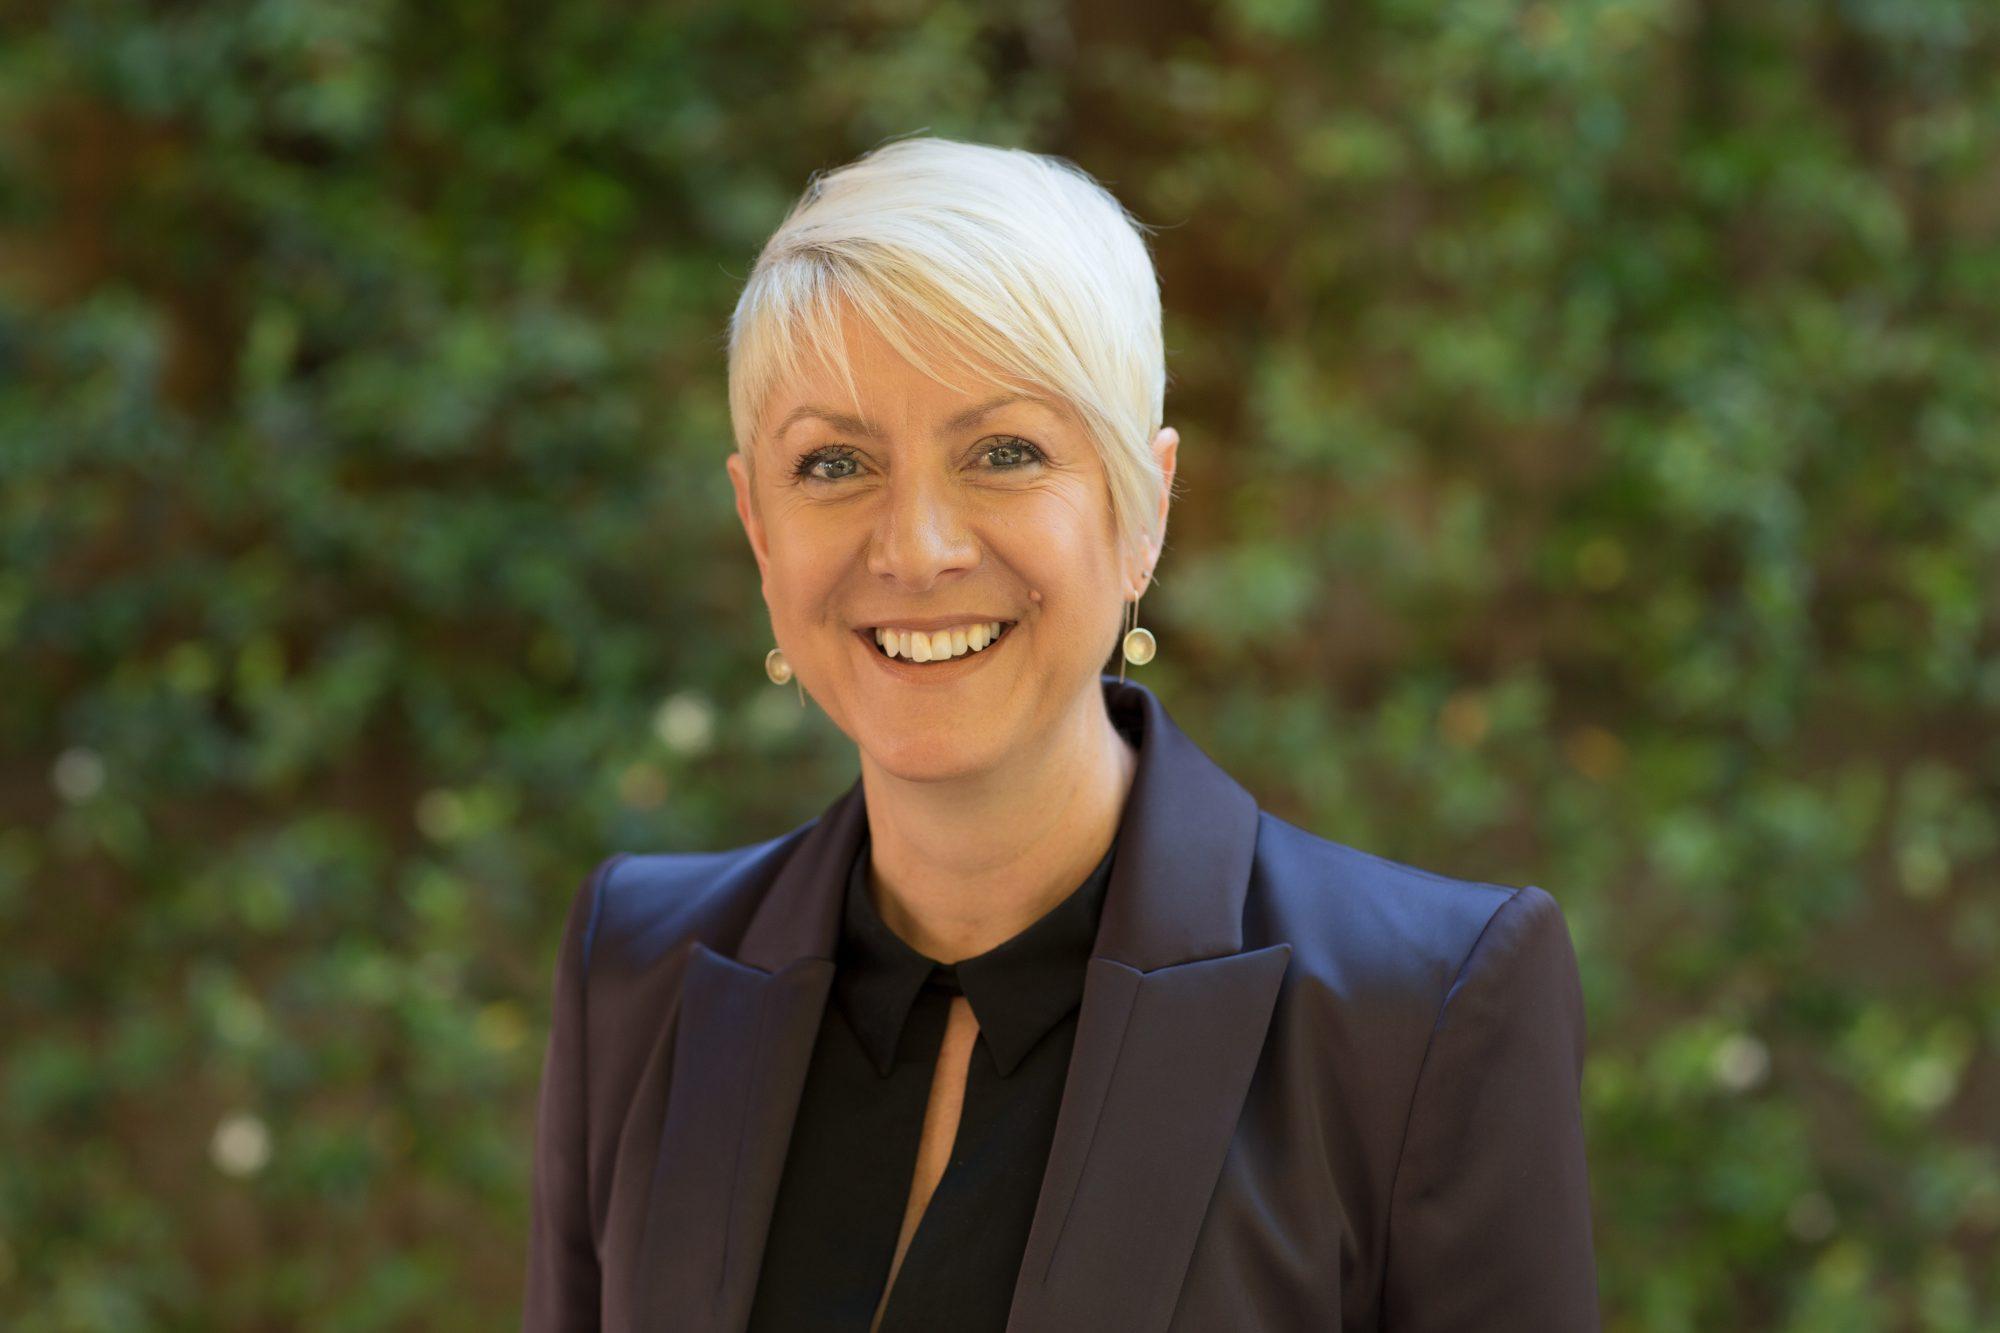 Ausbiotech CEO Lorraine Chiroiu